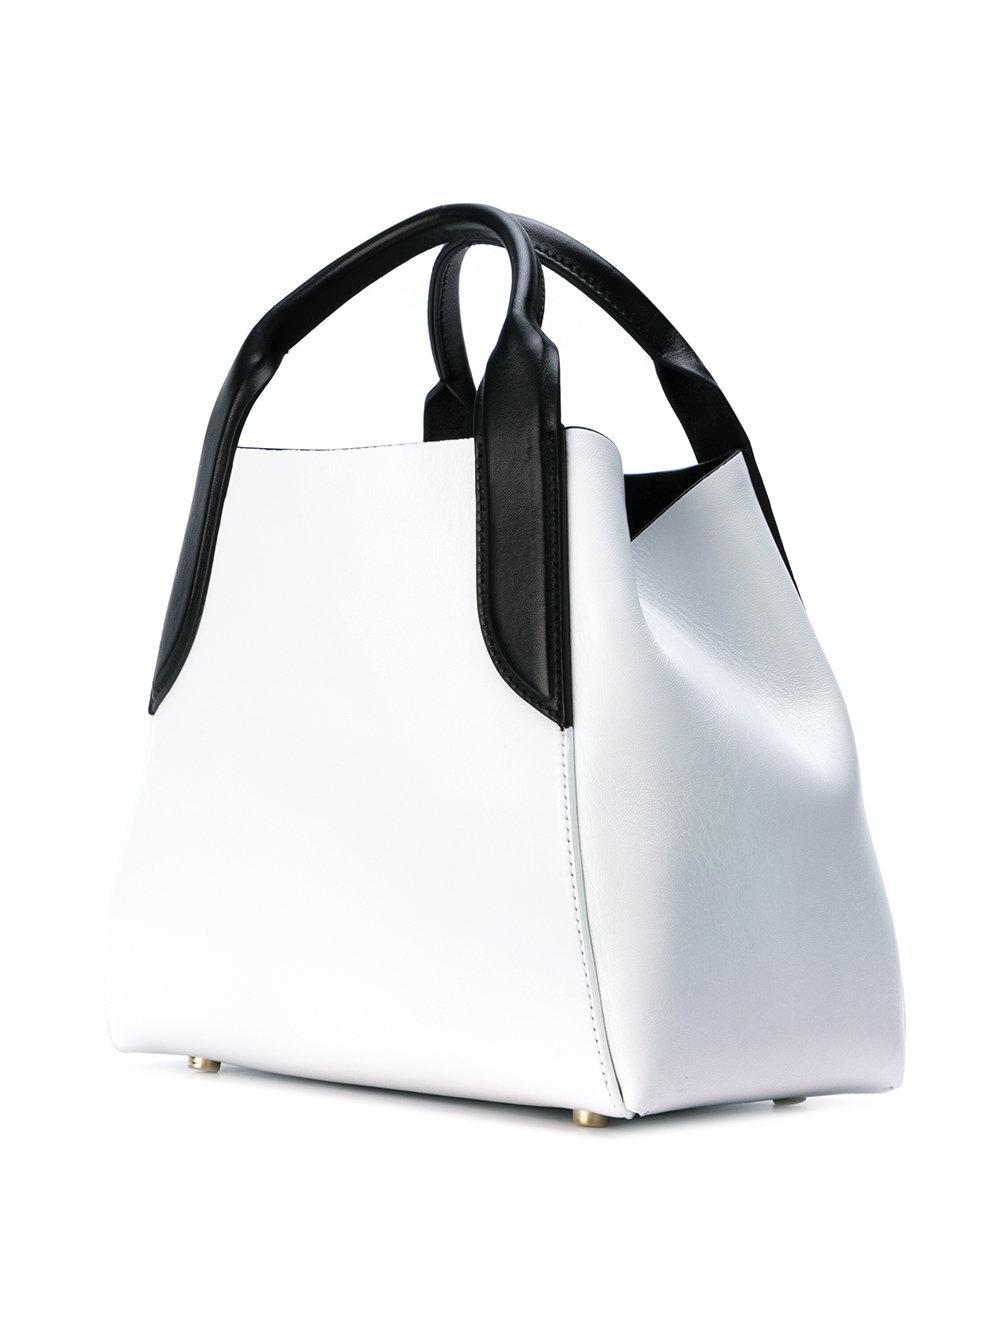 Lanvin Leather Mini Cabas Tote Bag in White